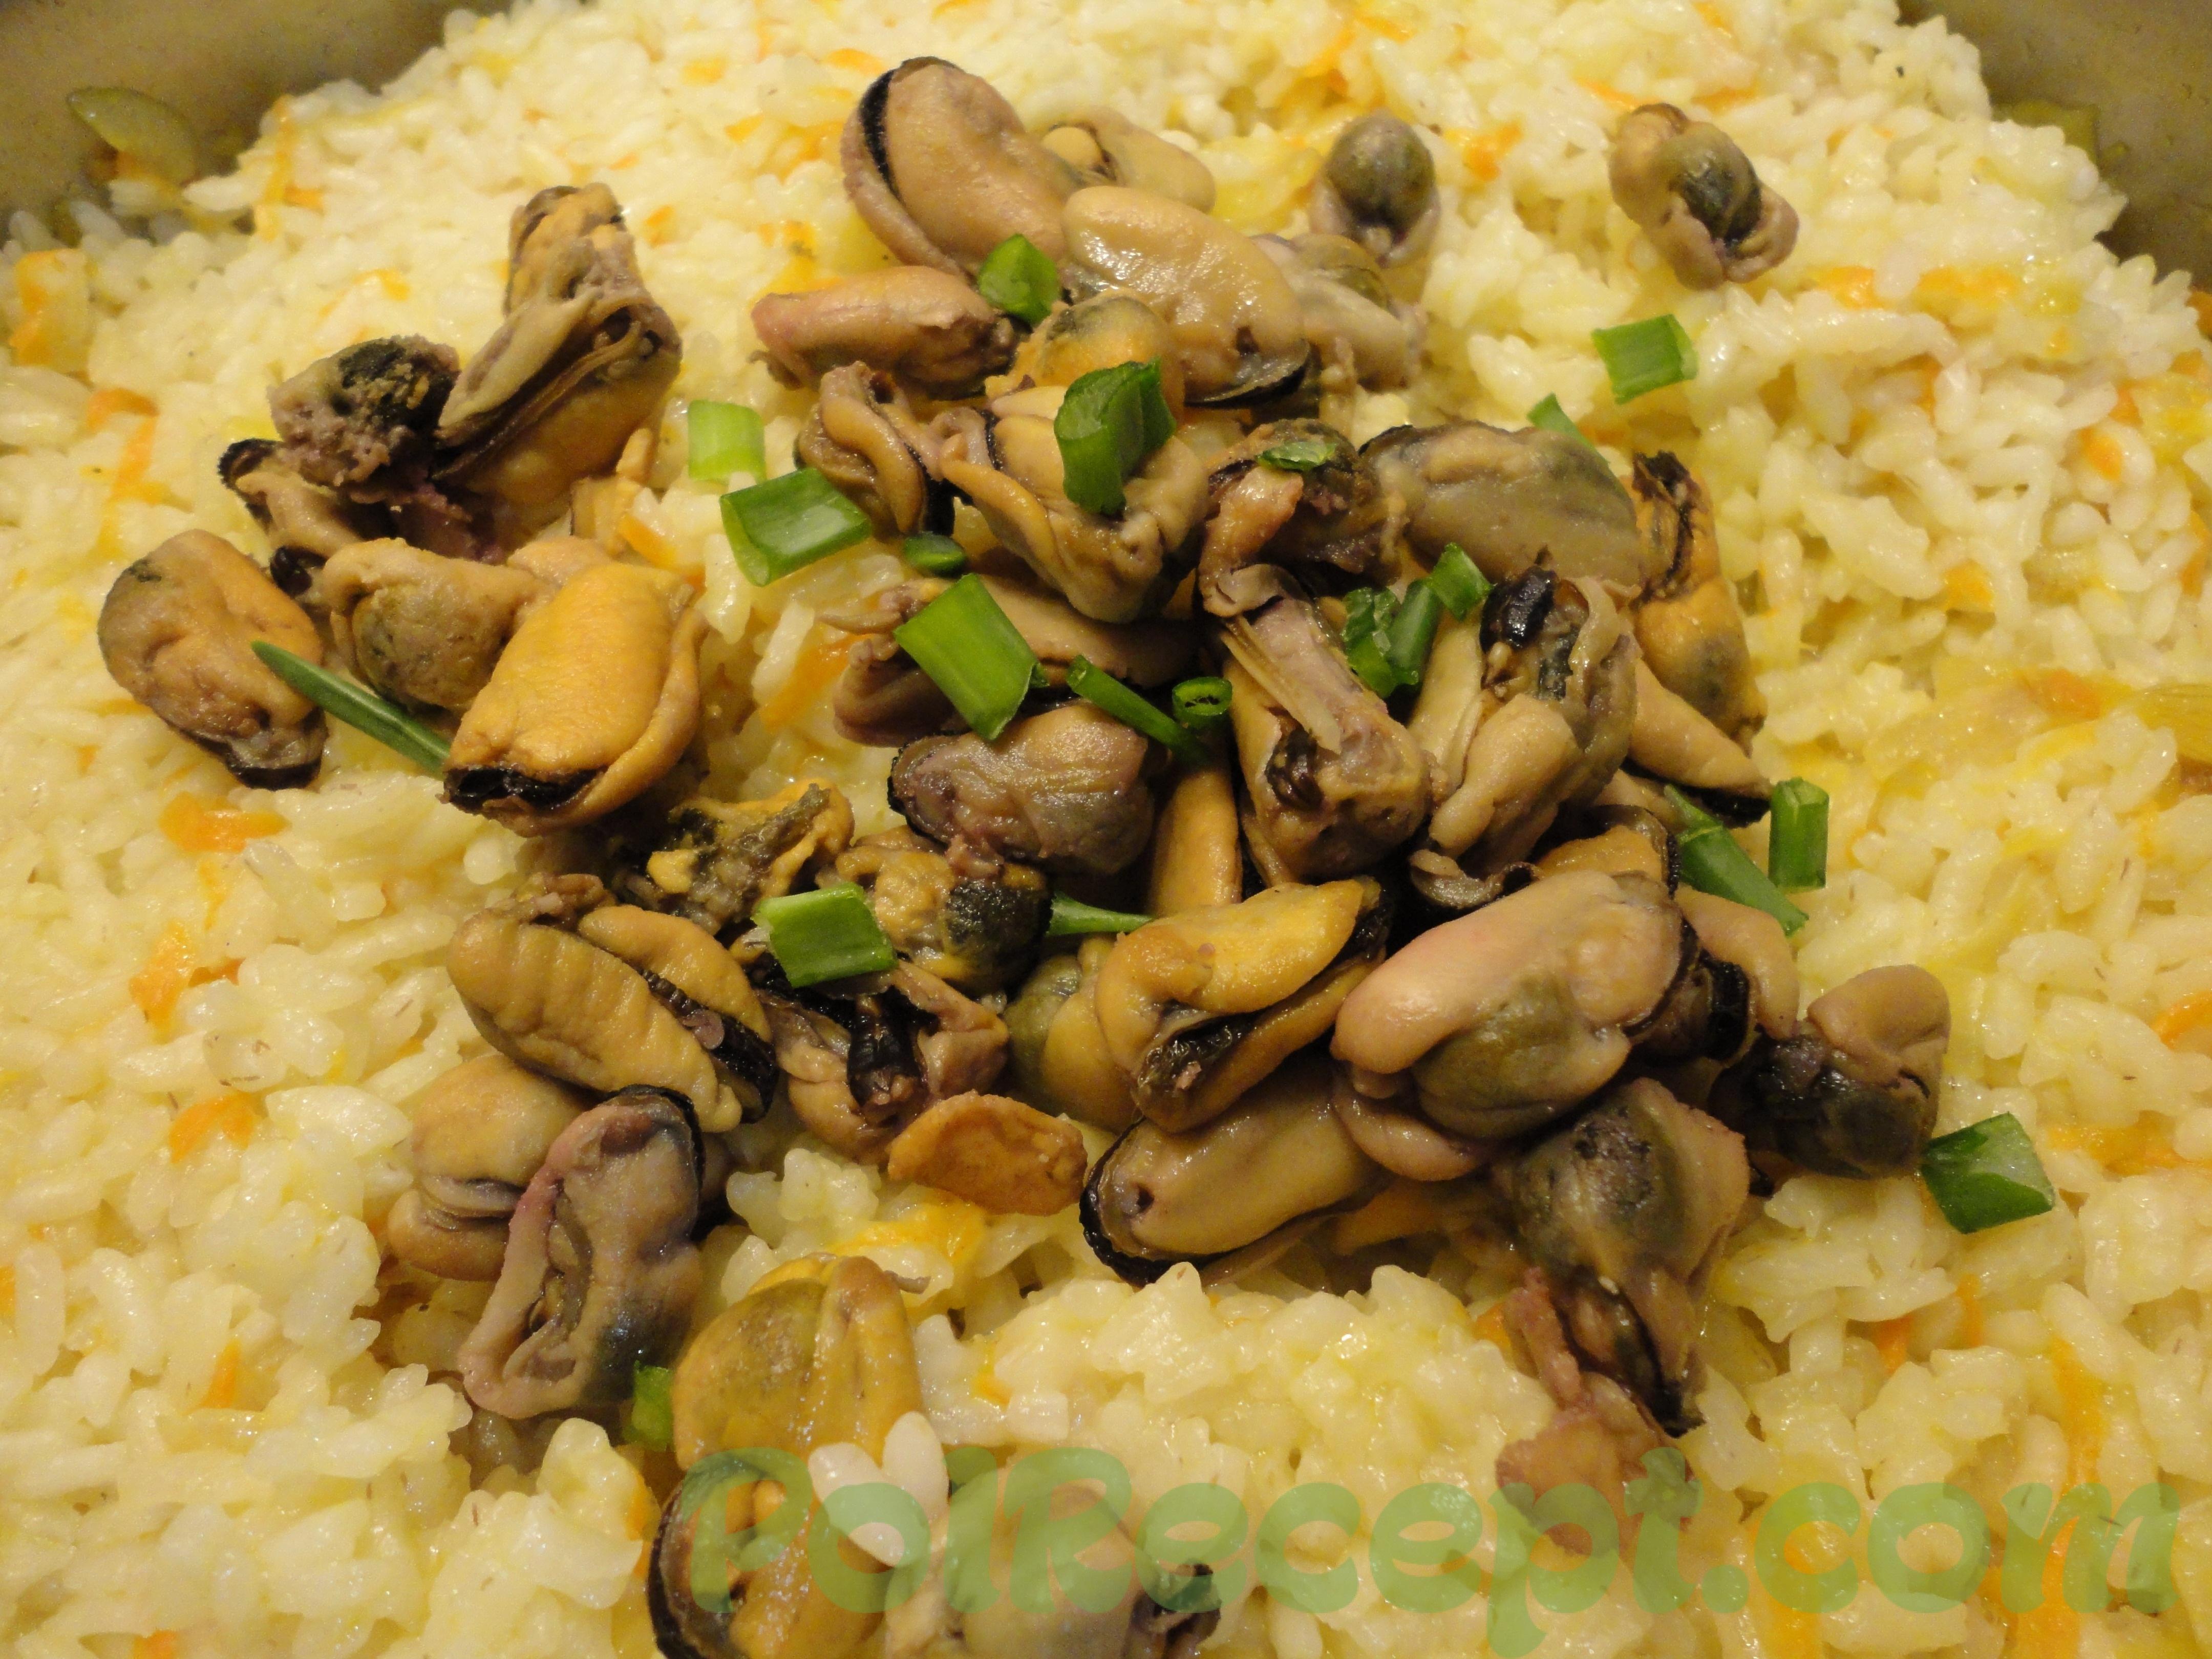 готовое блюдо на столе в тарелке